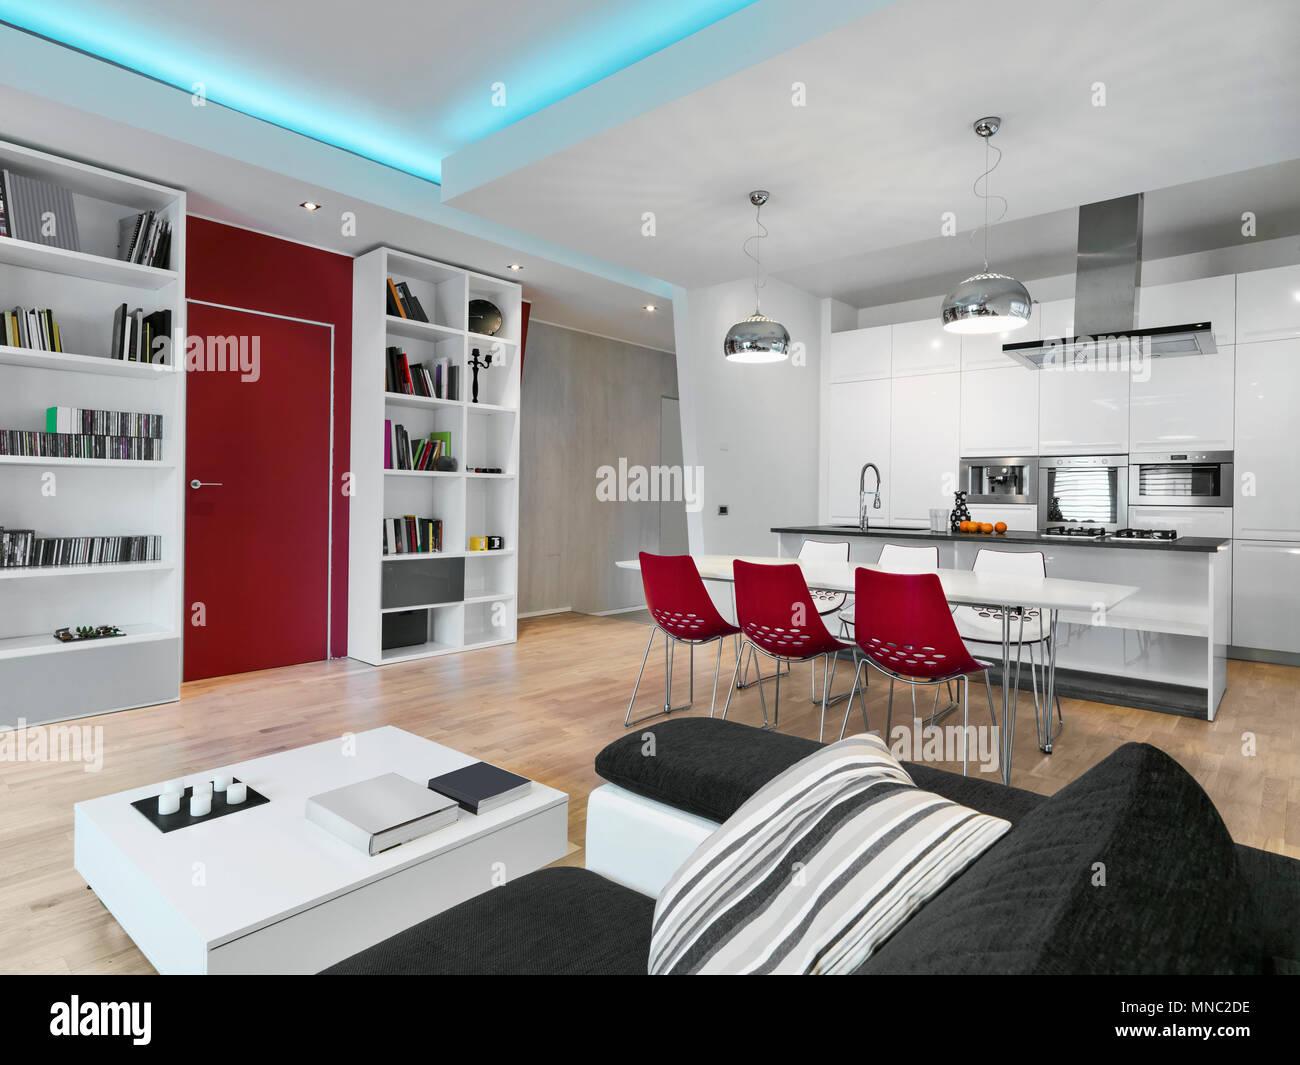 Soggiorno Pranzo Cucina : Scatti di interni di un soggiorno moderno che si affaccia sul